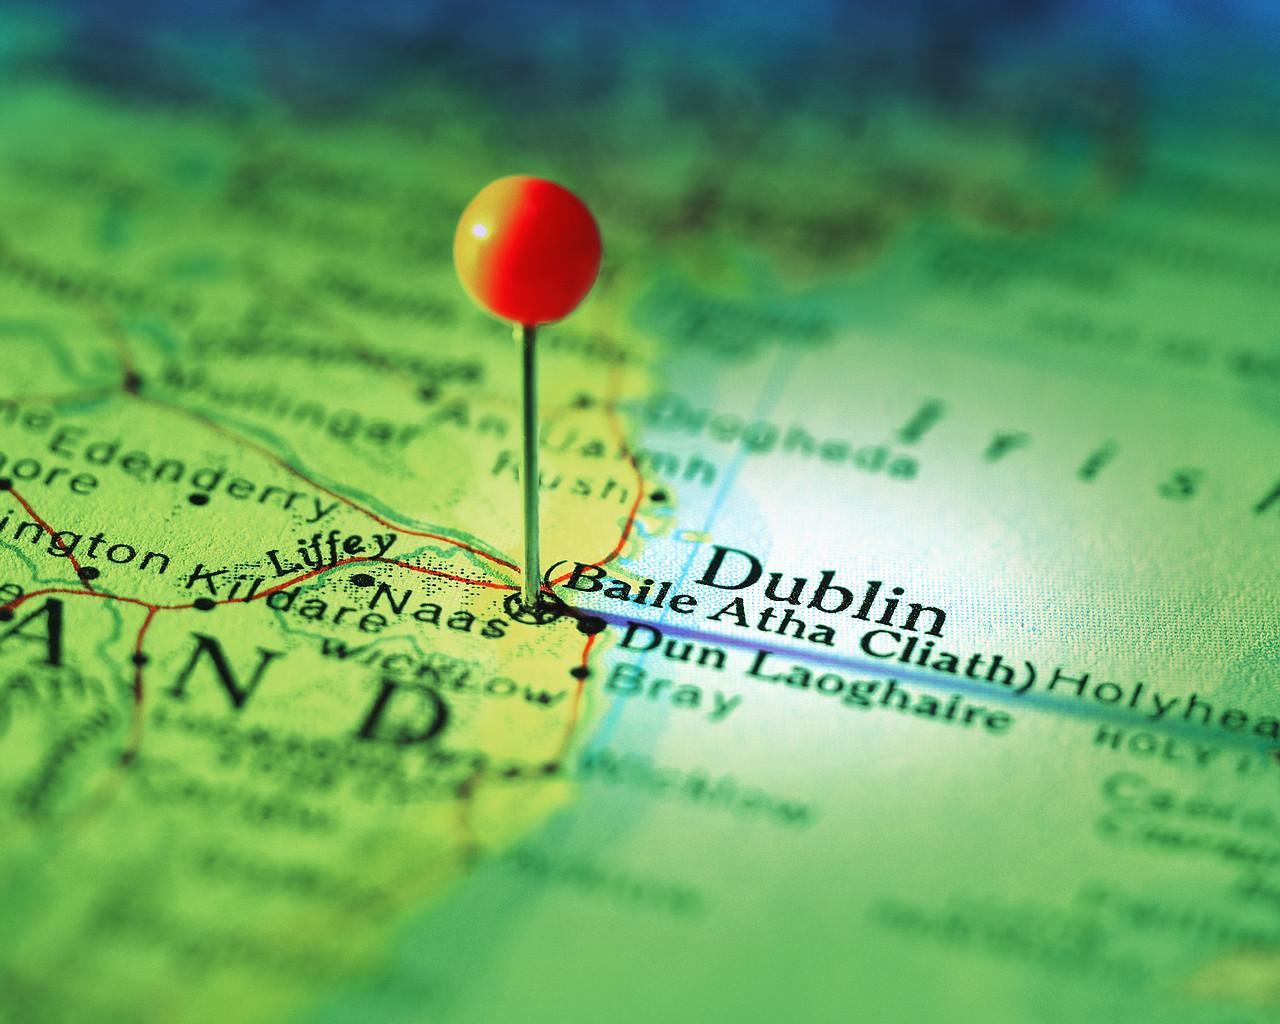 Епископы Ирландии выступили с заявлением: новый законопроект об абортах не соответствует моральным и правовым нормам